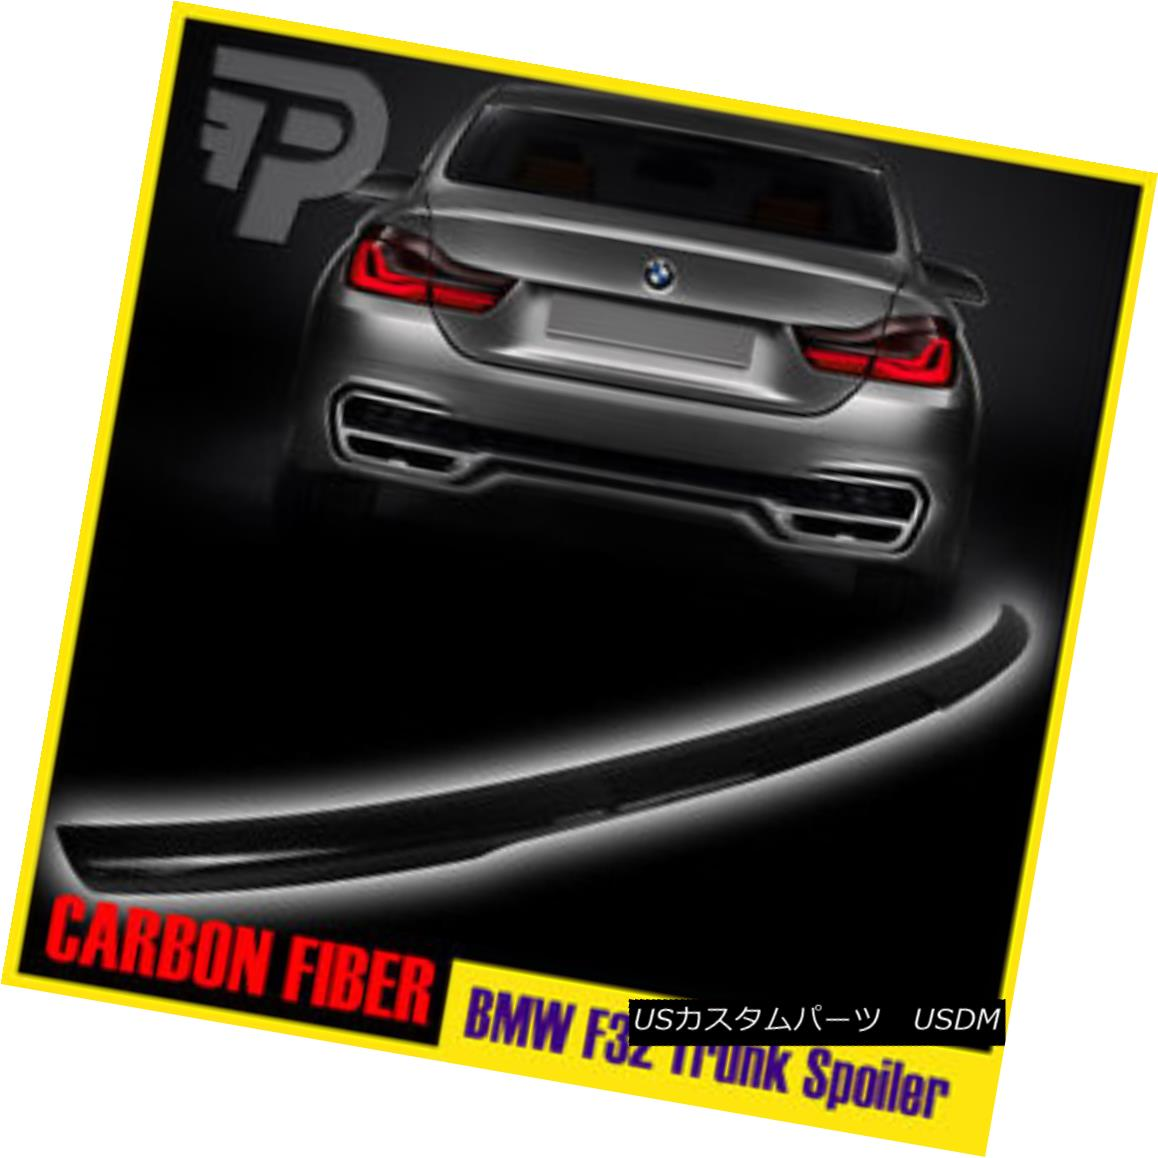 エアロパーツ Carbon Fiber BMW 4-Ser F32 2DR Coupe M4 Style Trunk Spoiler Boot 14-16 カーボンファイバーBMW 4-Ser F32 2DRクーペM4スタイルトランク・スポイラー・ブーツ14-16